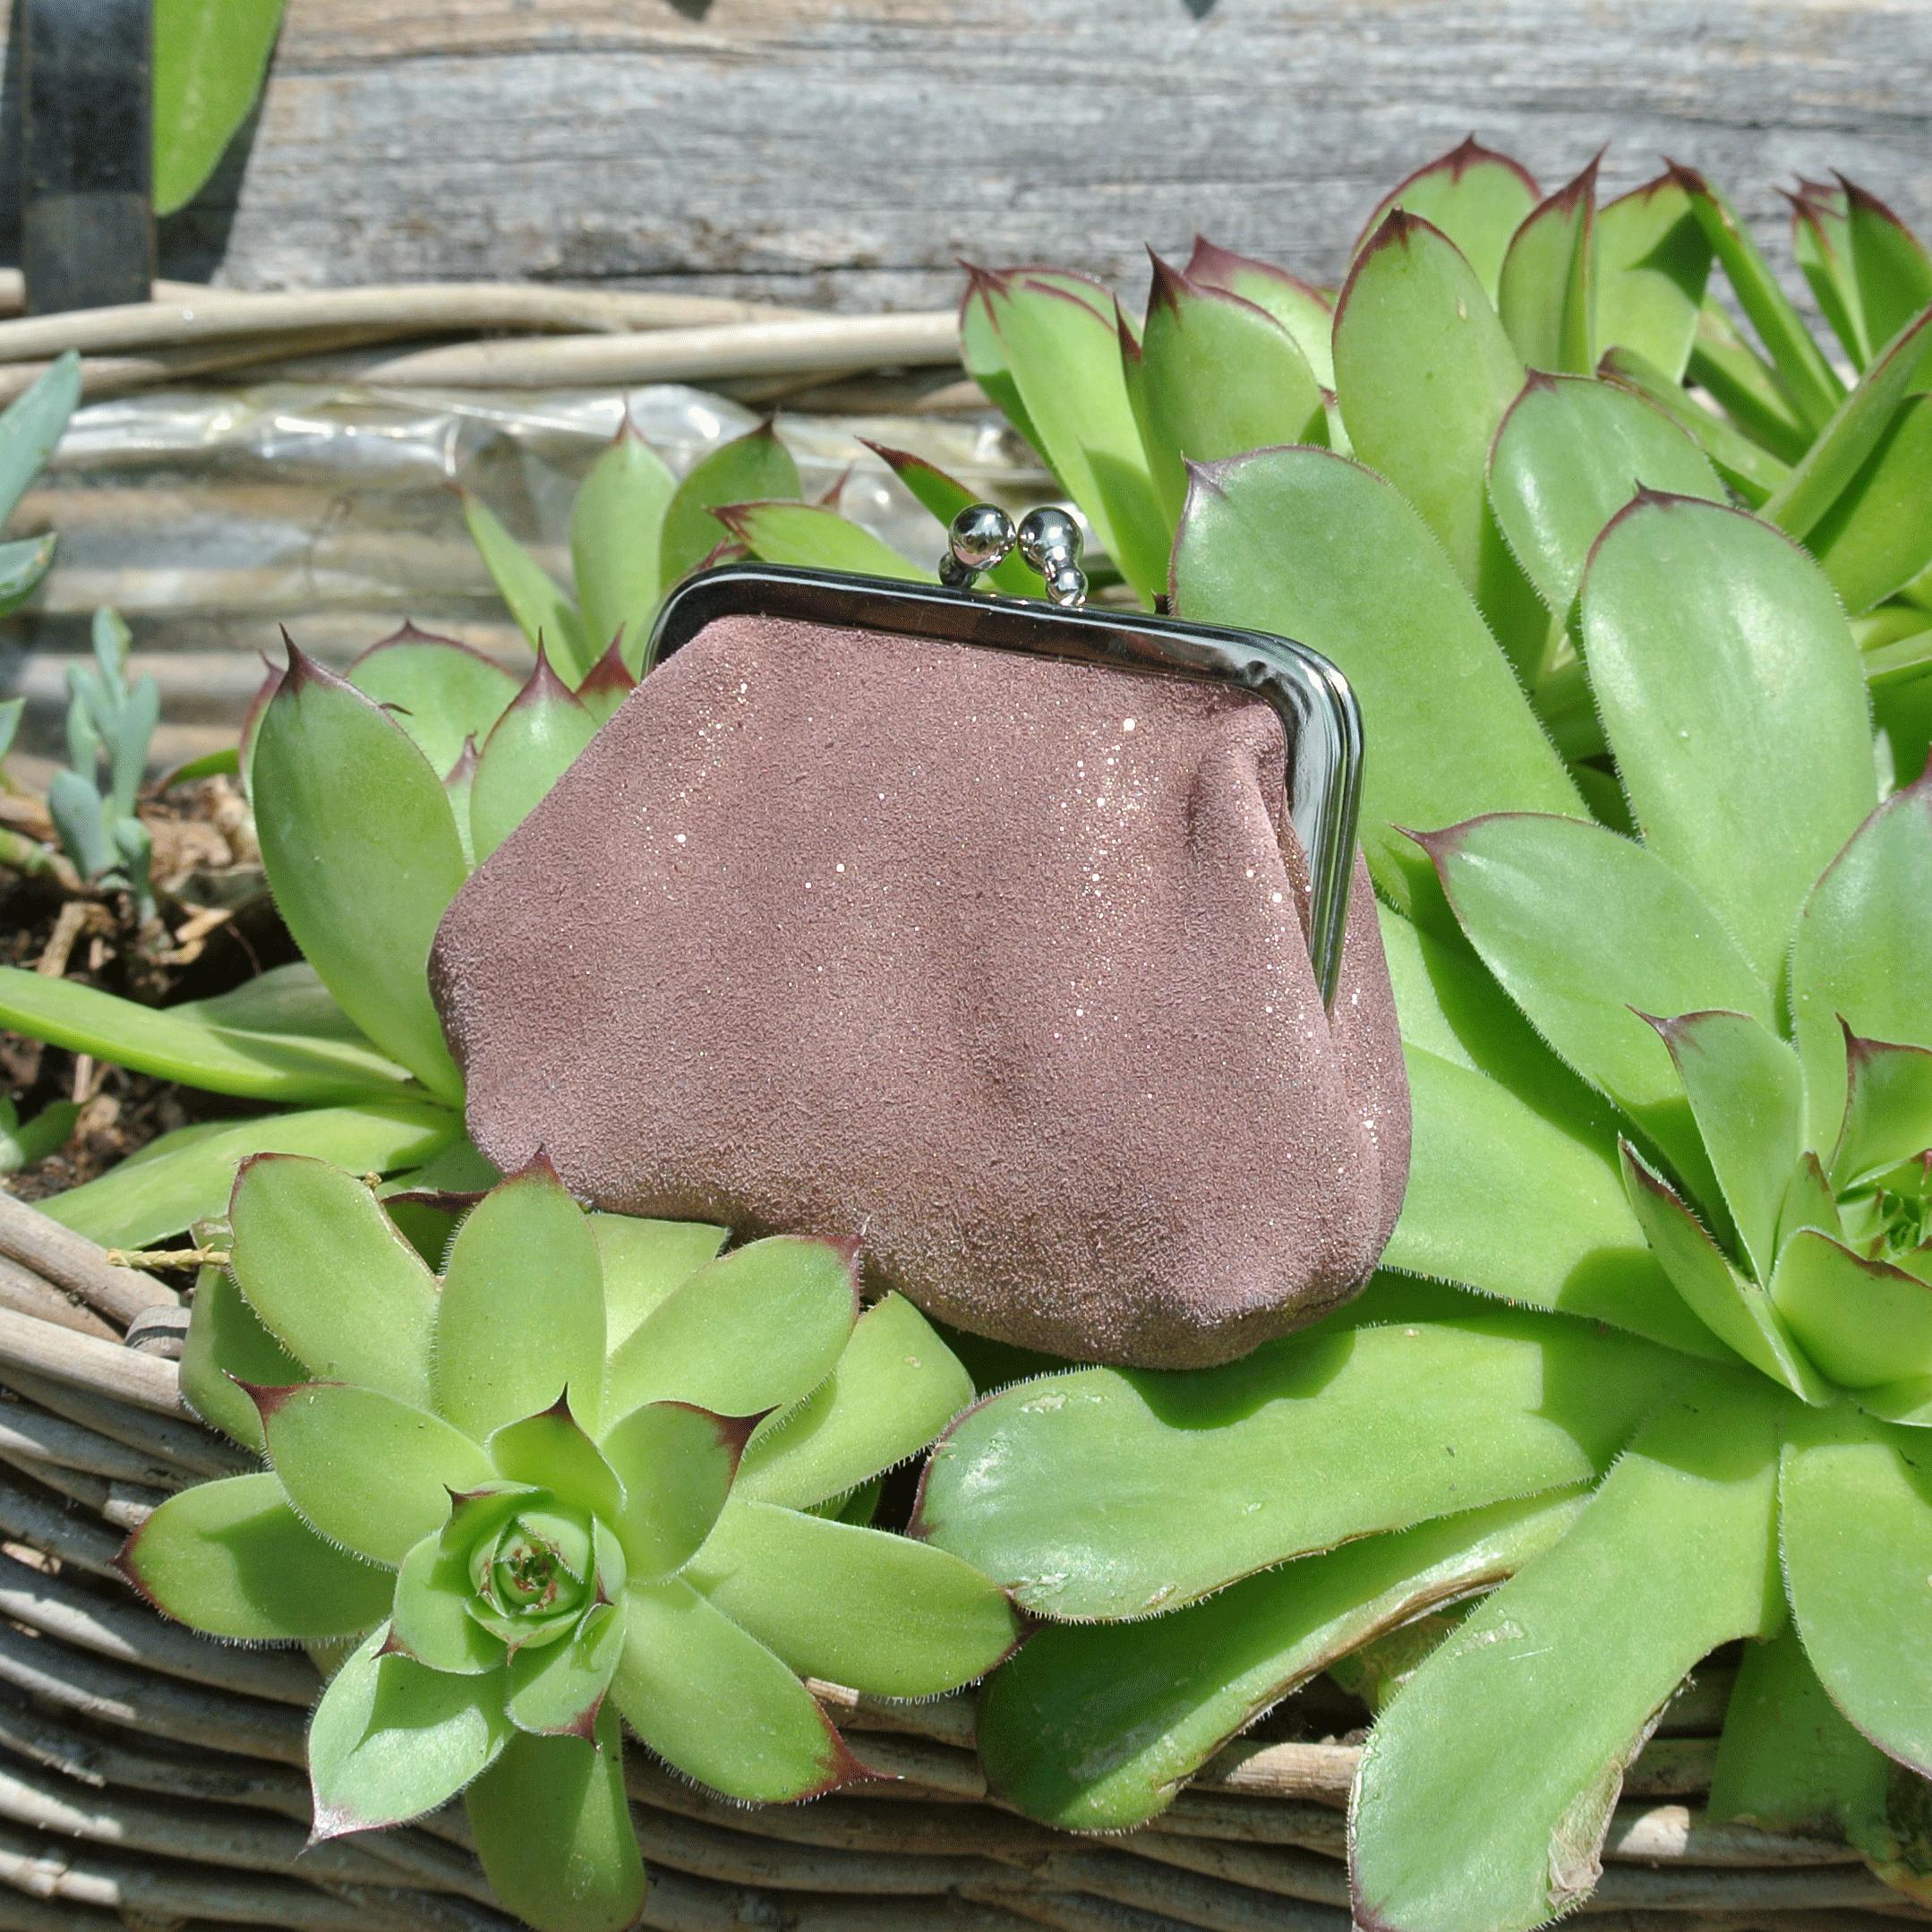 la-cartabliere-fabrique-en-france-made-in-france-porte-monnaie-reine-en-cuir-paillete-rose-dore